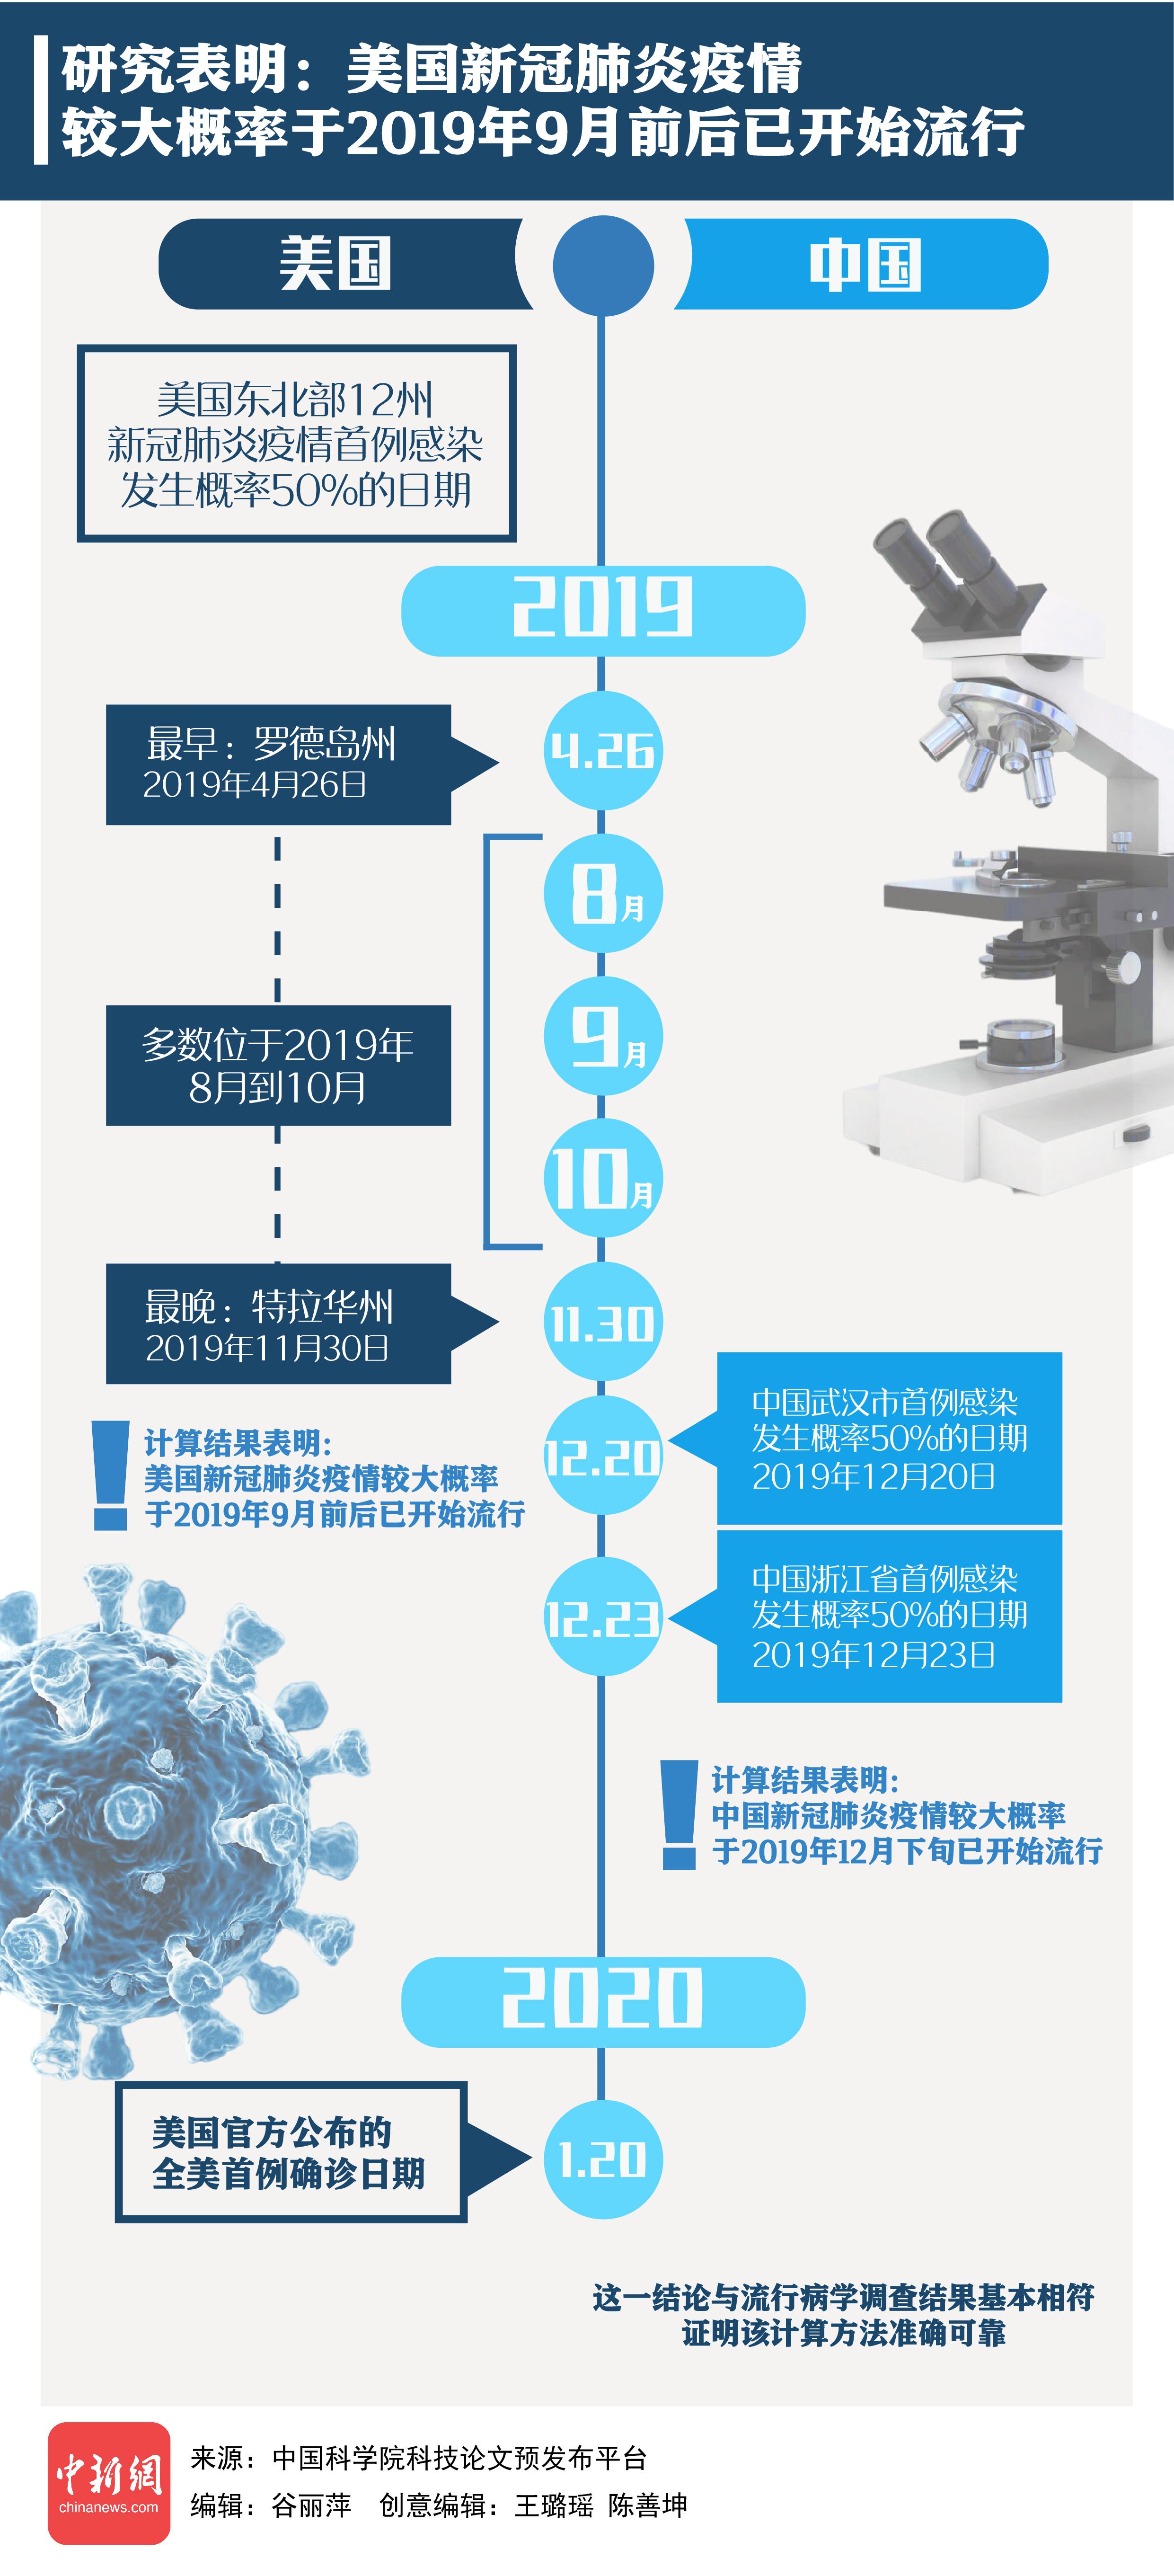 【蒋鲤讲理】一图梳理中美新冠肺炎疫情起源时间线